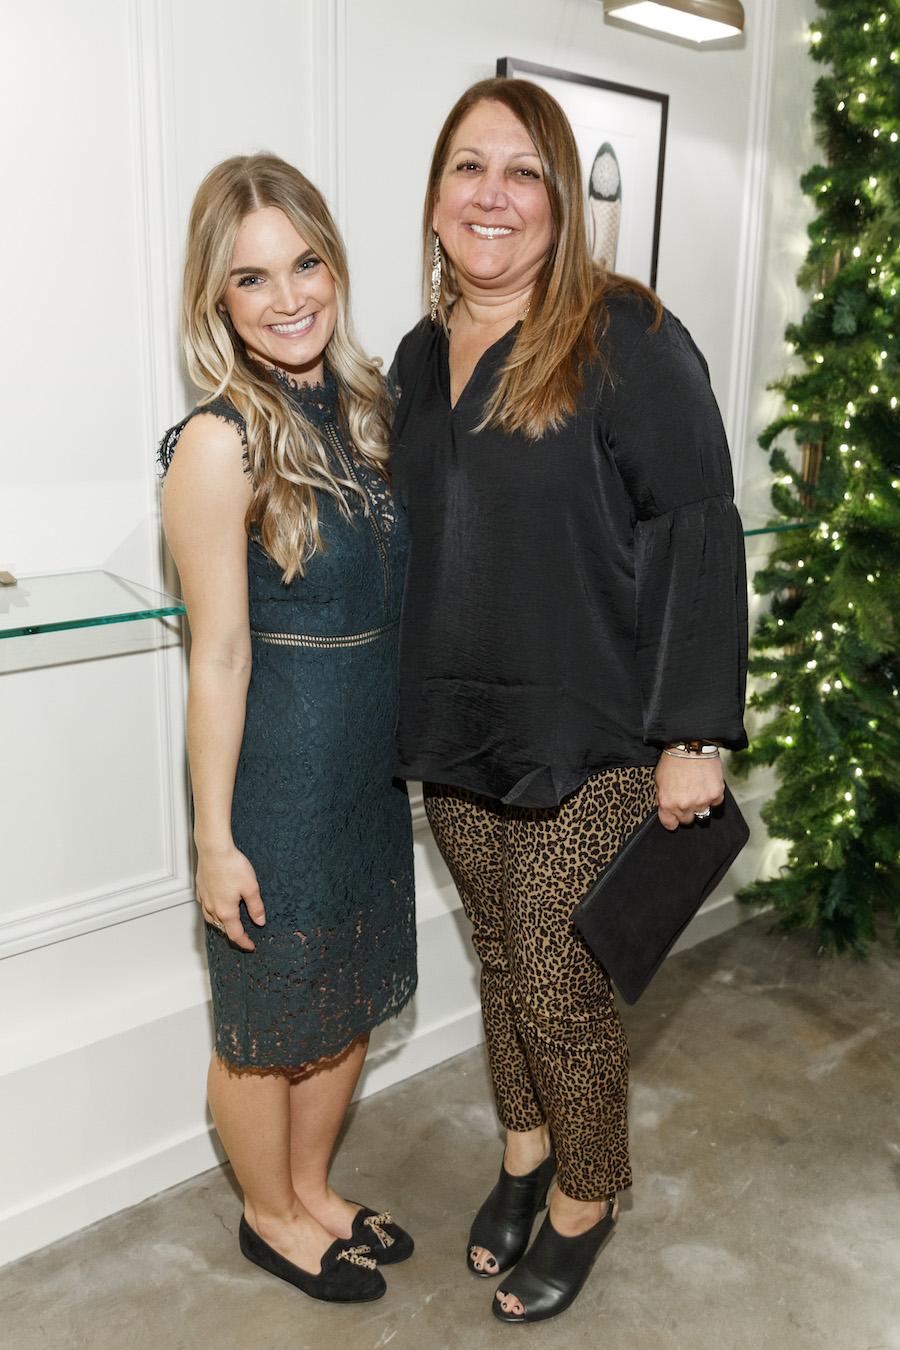 Danielle Murphy and Lisette Fernandez